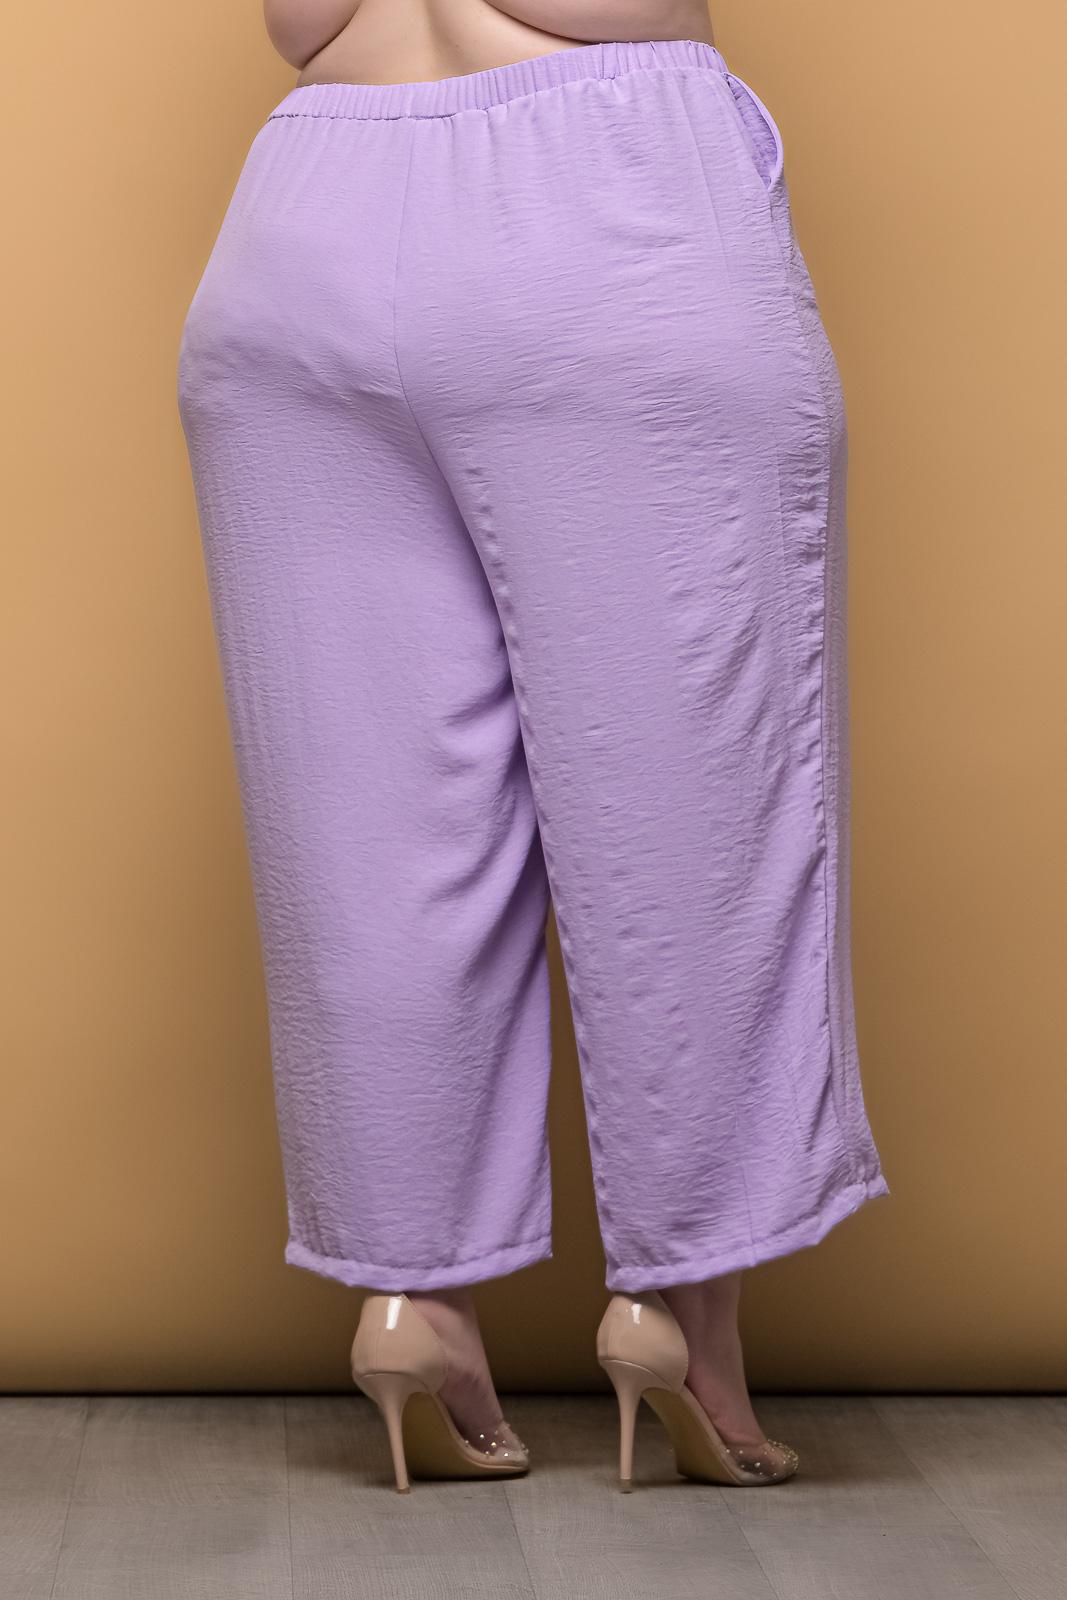 Ζιπ κιλοτ μεγάλα μεγέθη μαύρη ανάλαφρη με λάστιχο στη μέση.Στο eshop μας θα βρείτε οικονομικά γυναίκεια ρούχα σε μεγάλα μεγέθη και υπερμεγέθη.